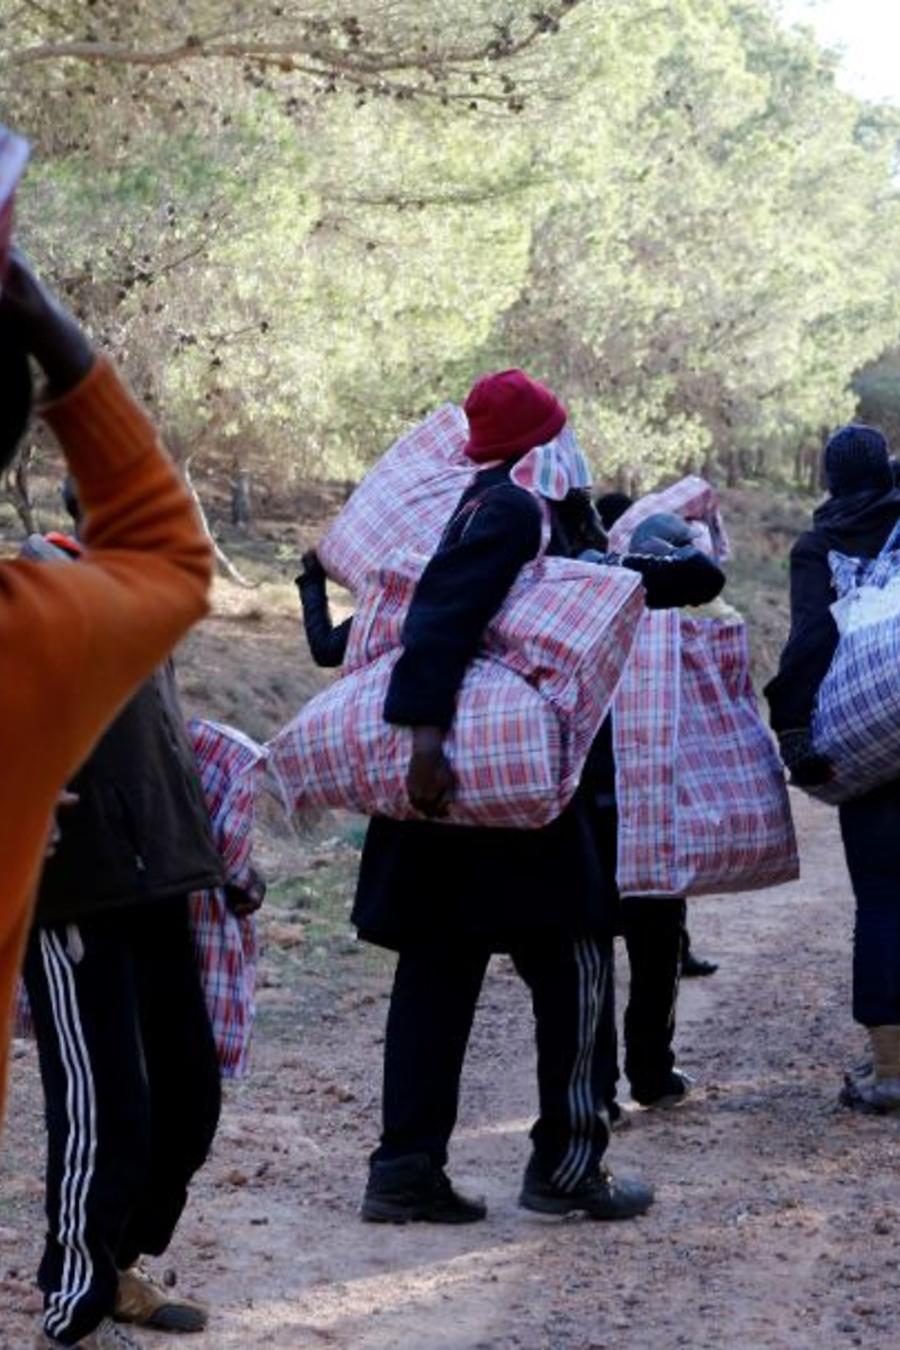 Foto de archivo de un grupo de migrantes en la ciudad costera de Nador, en el norte de Marruecos, que intentan cruzar a Melilla (España).